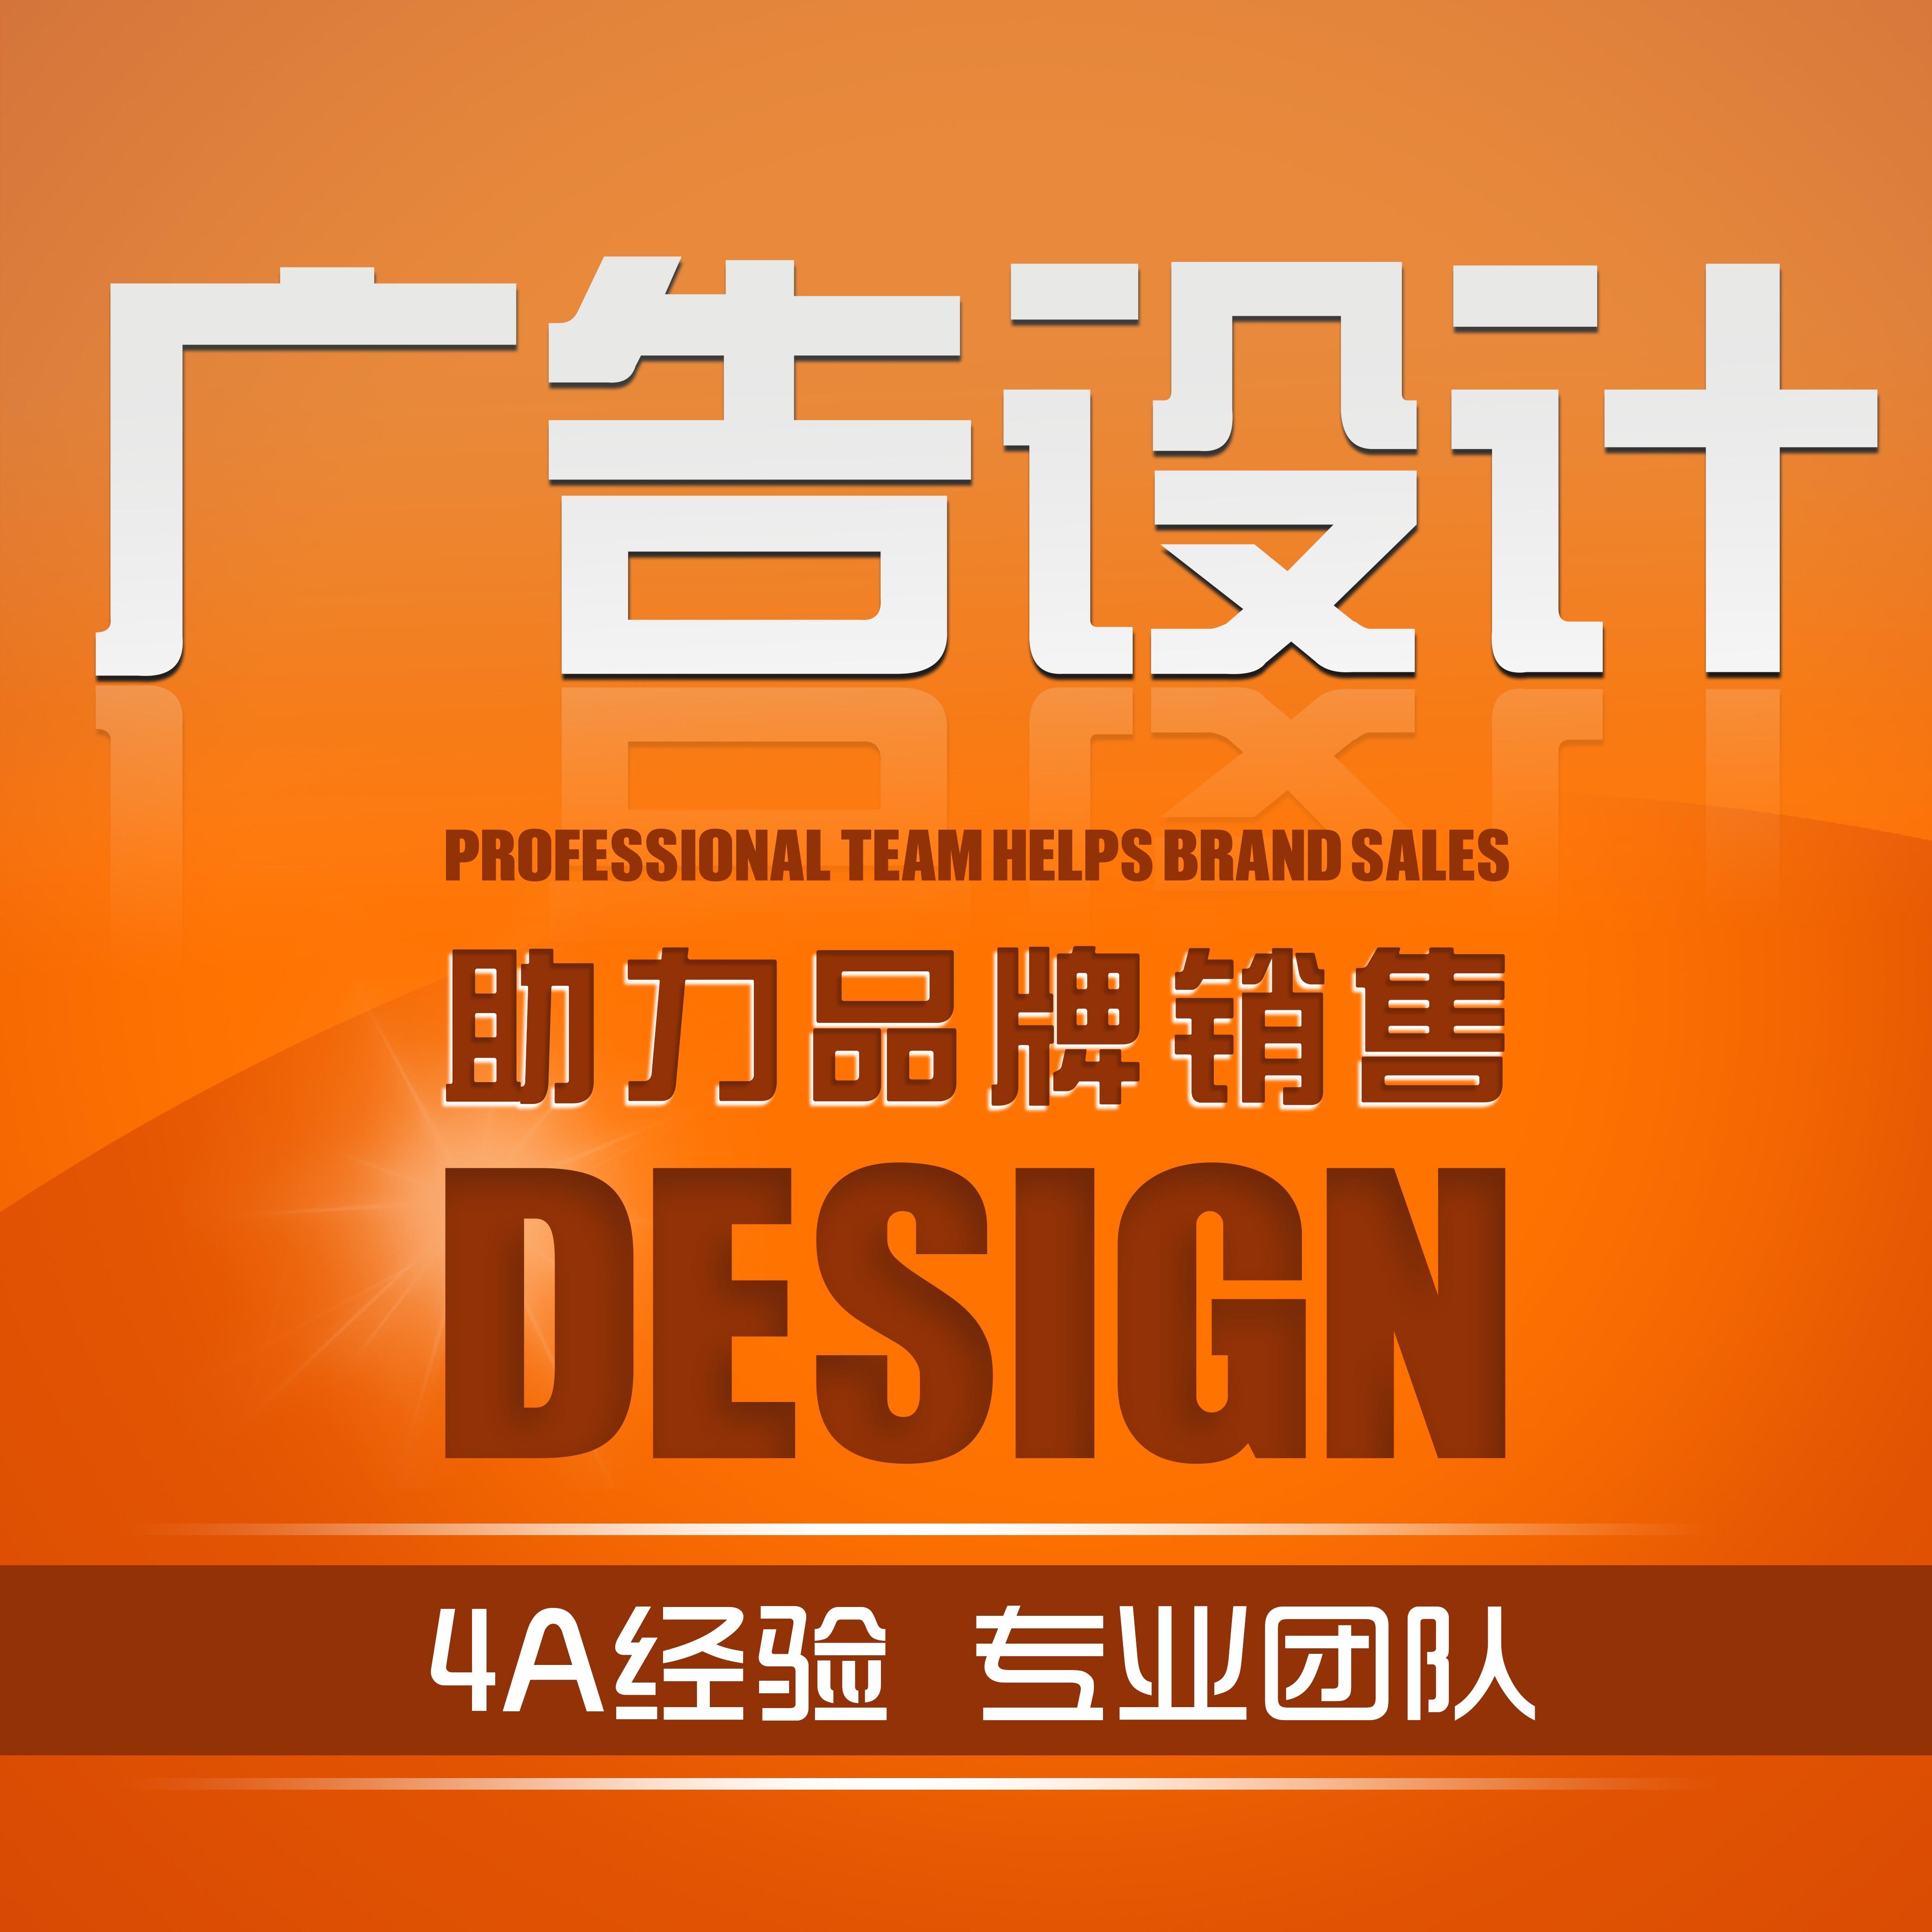 原创广告设计广告物料宣传品设计展架DM单设计商标插画设计